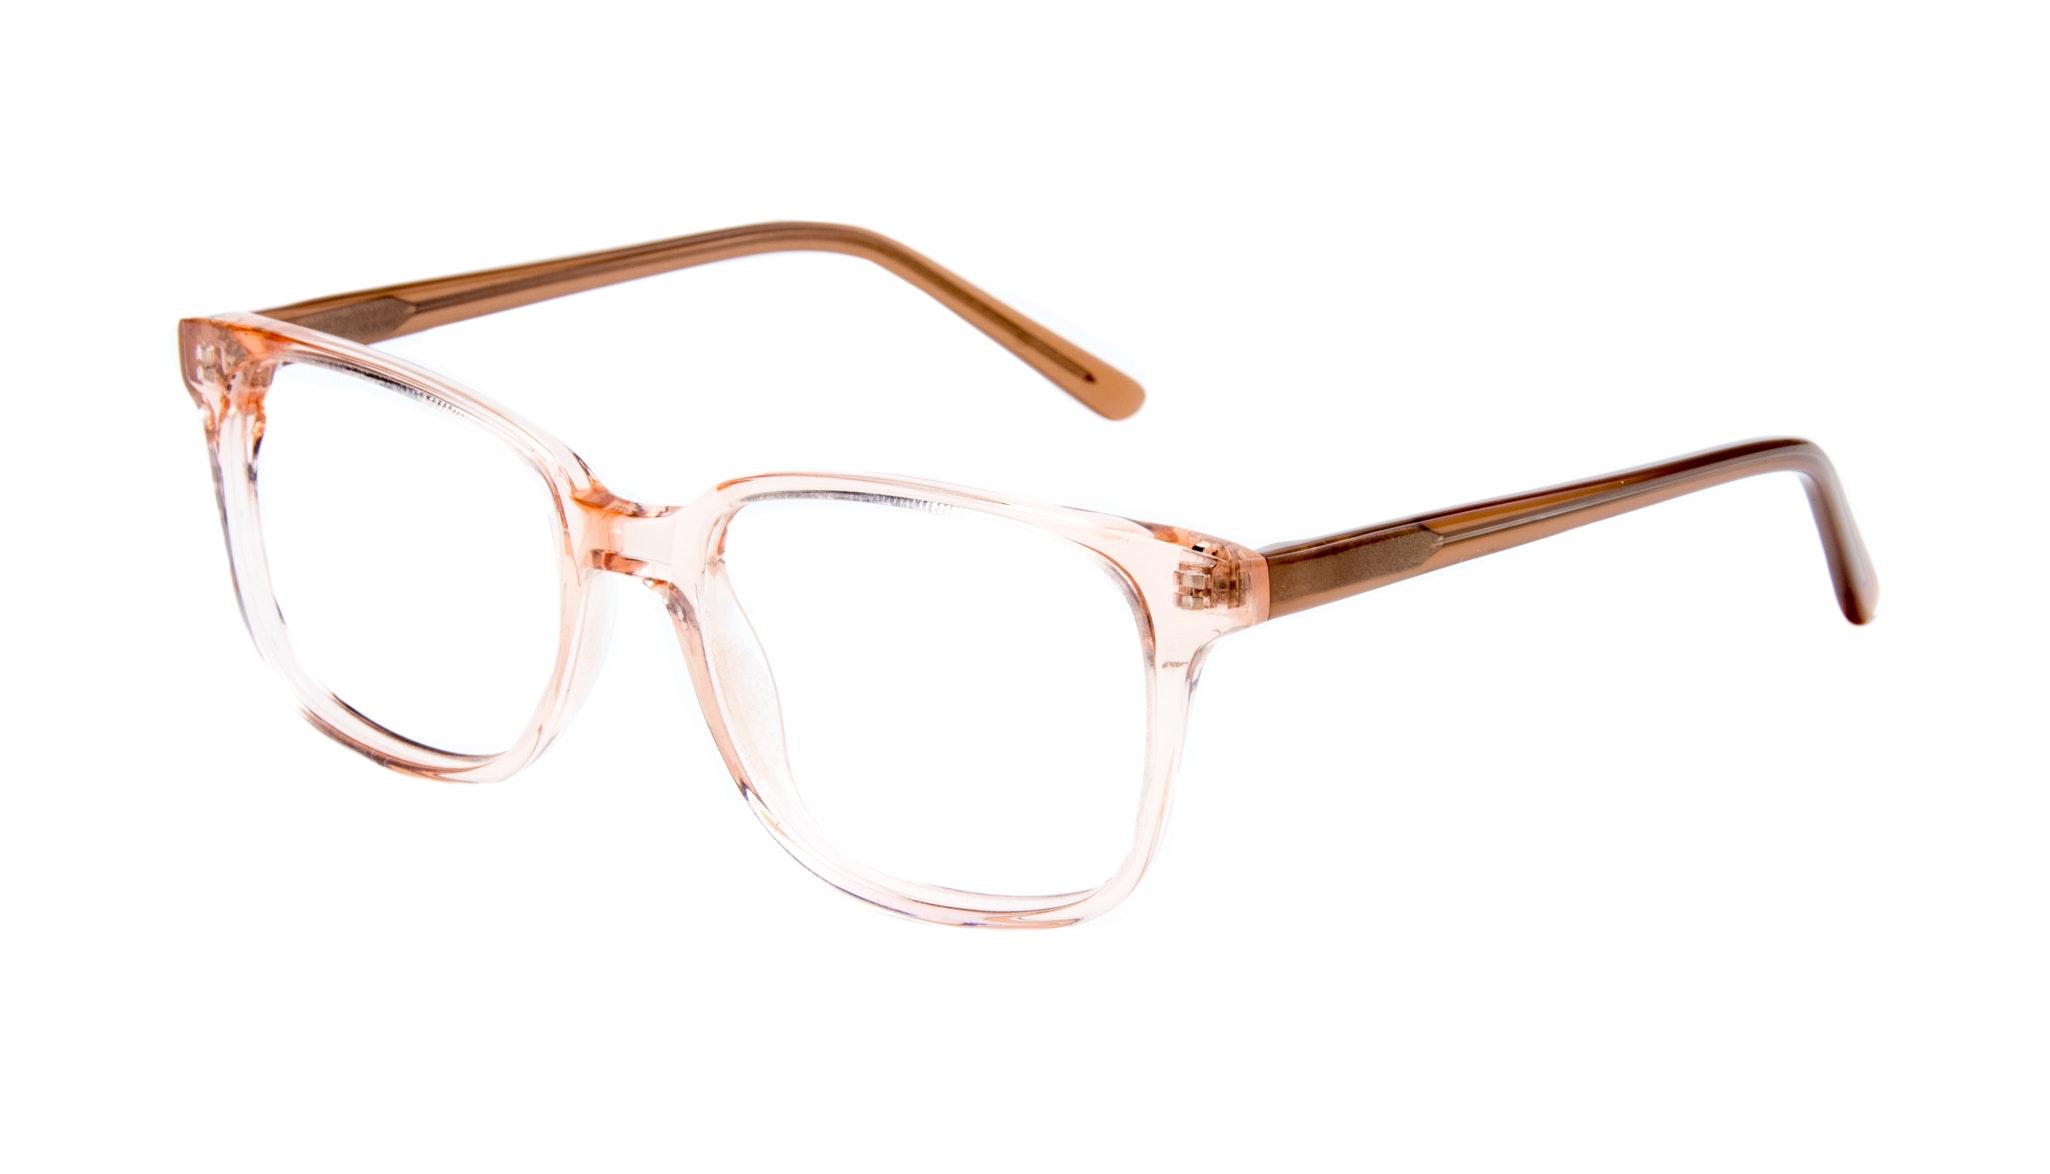 Affordable Fashion Glasses Rectangle Square Eyeglasses Women Windsor Pink Metal Tilt